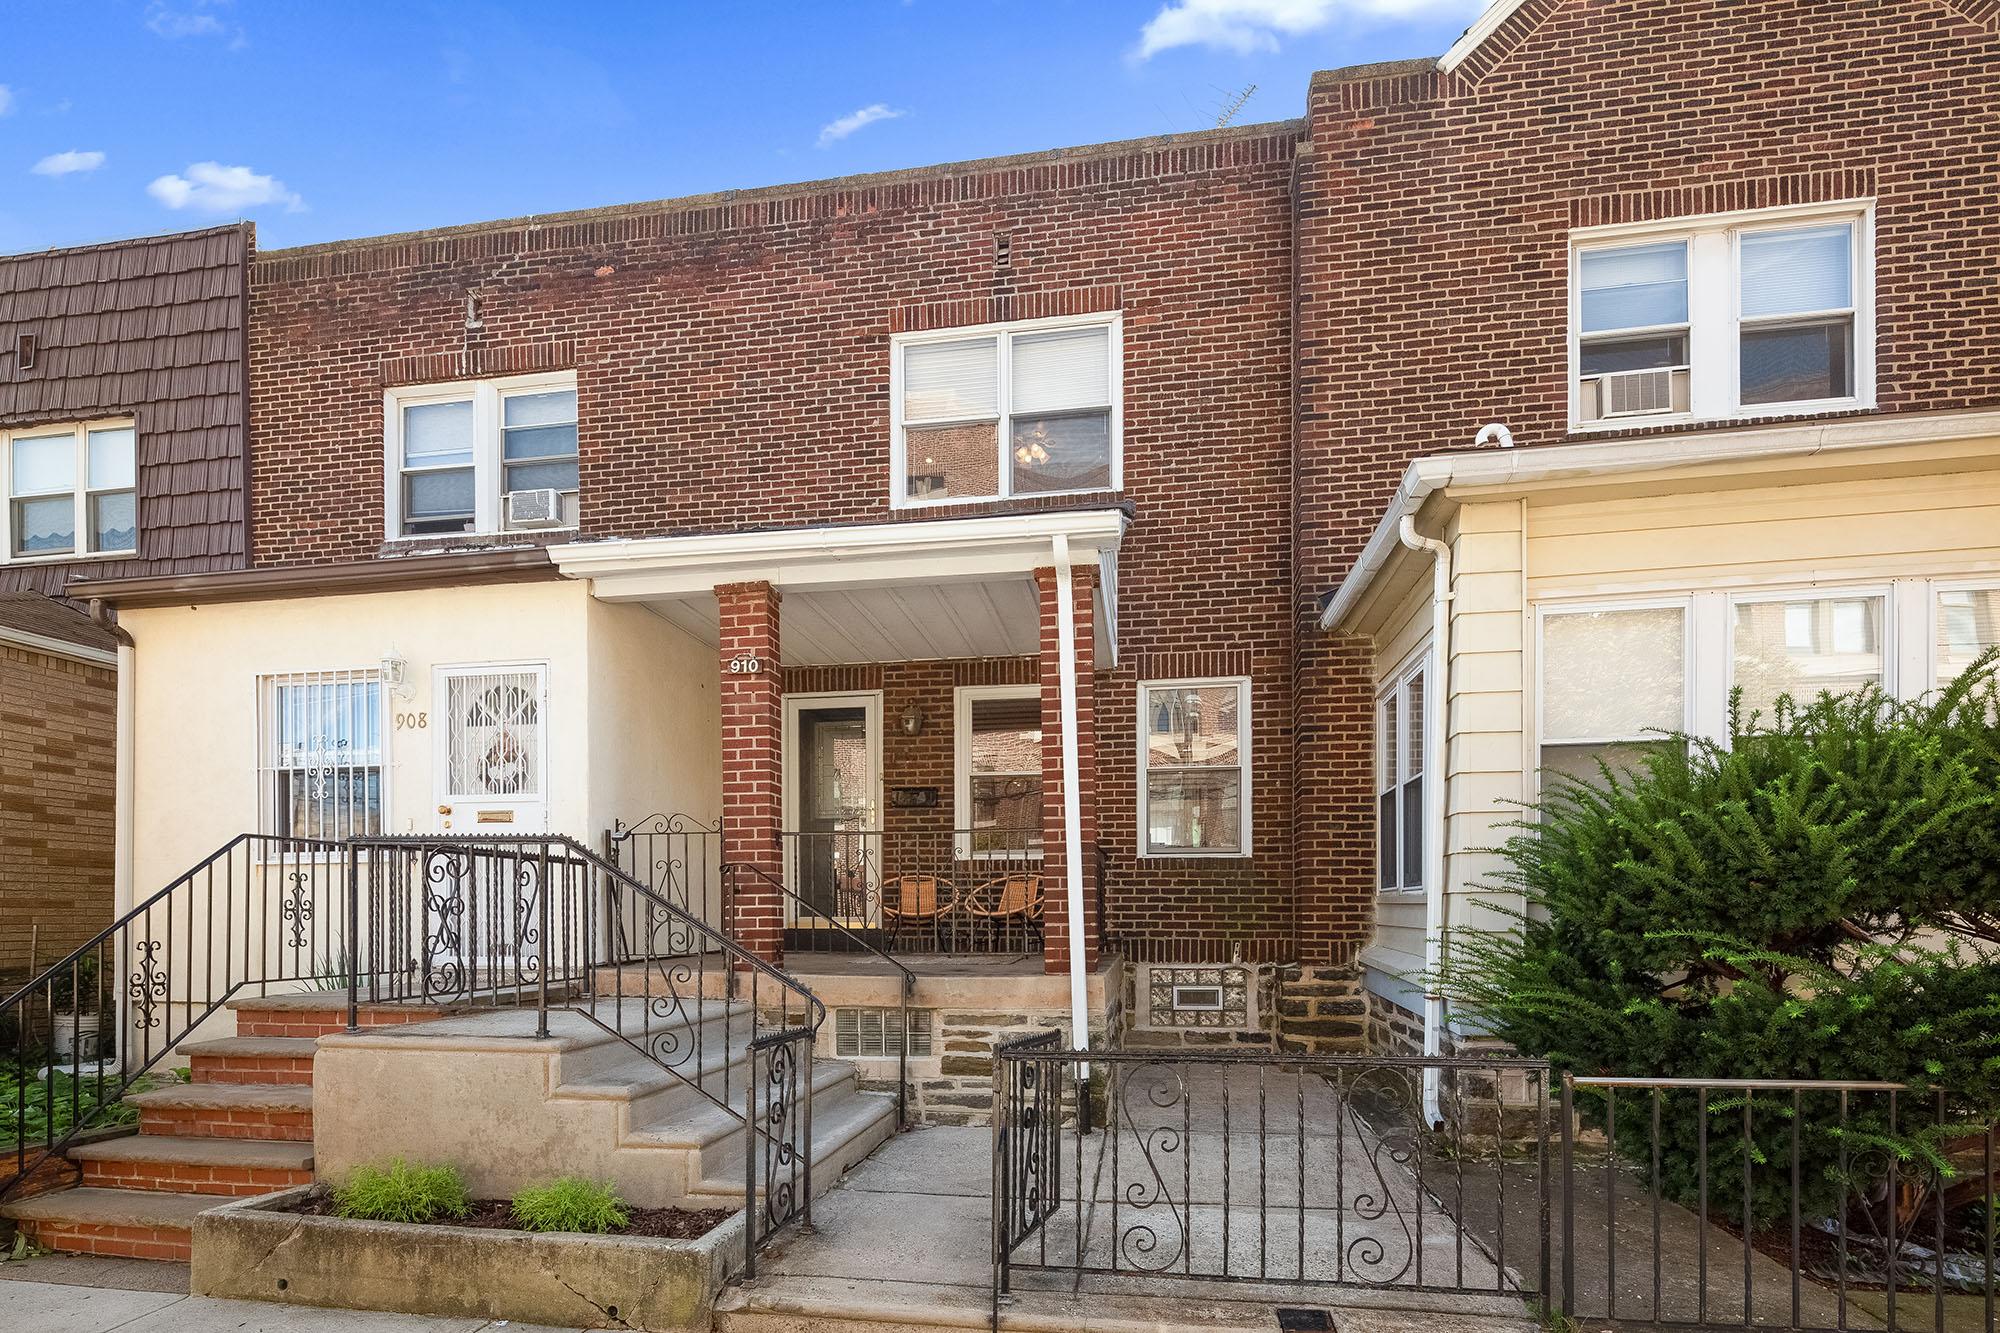 Sold   910 Johnston St - Philadelphia, PA 19148